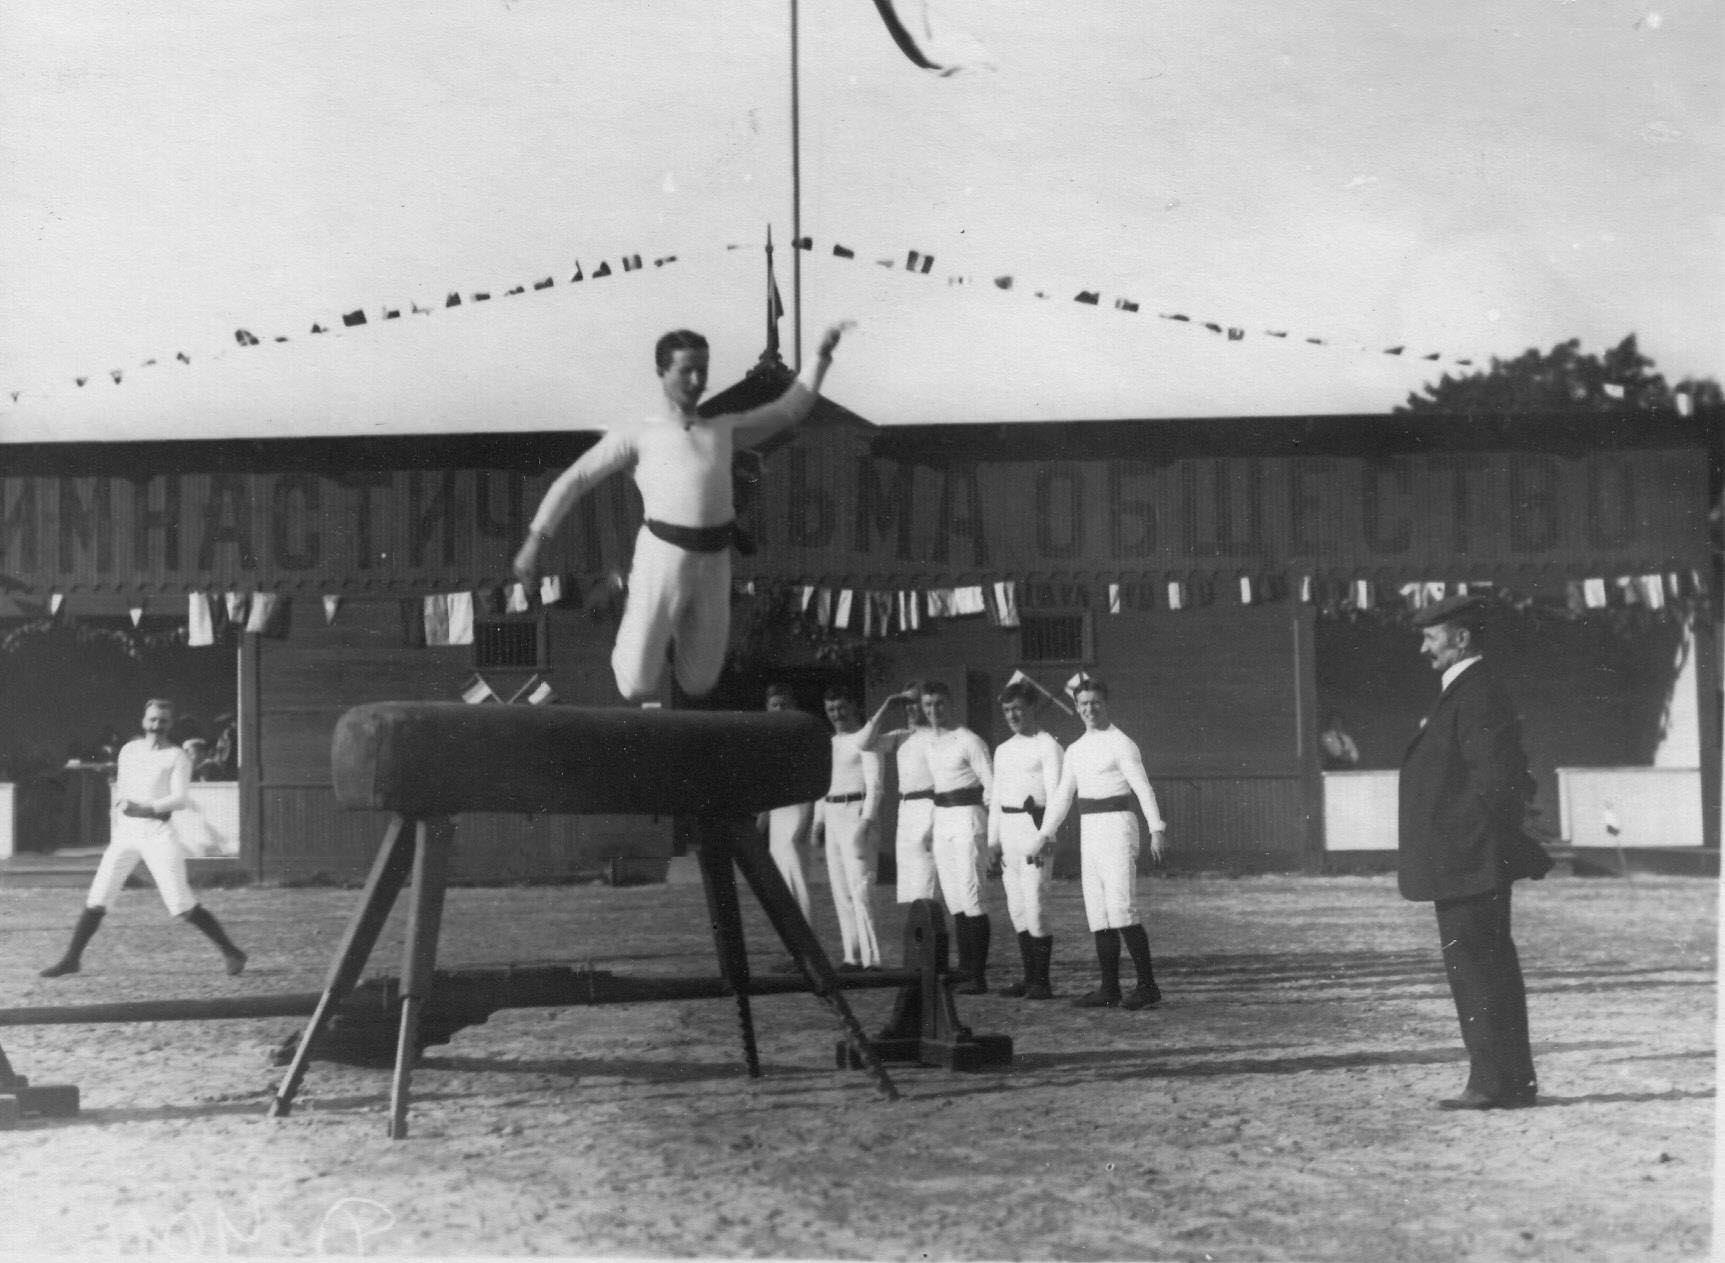 Гимнастические упражнения членов общества «Пальма» на коне с трамплином